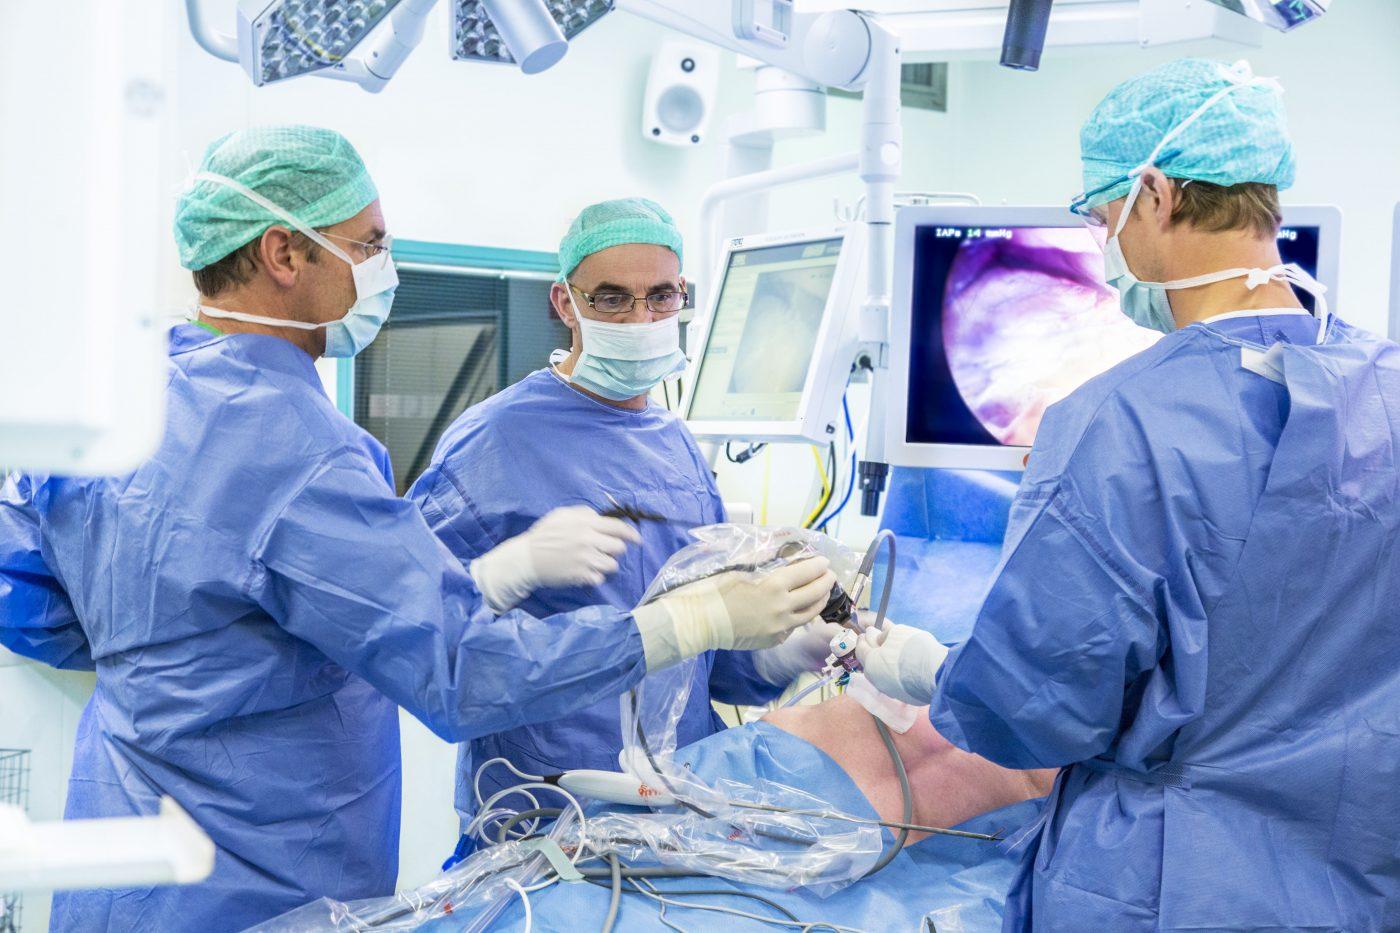 Samenwerken bij complexe leverchirurgie verbetert de zorg